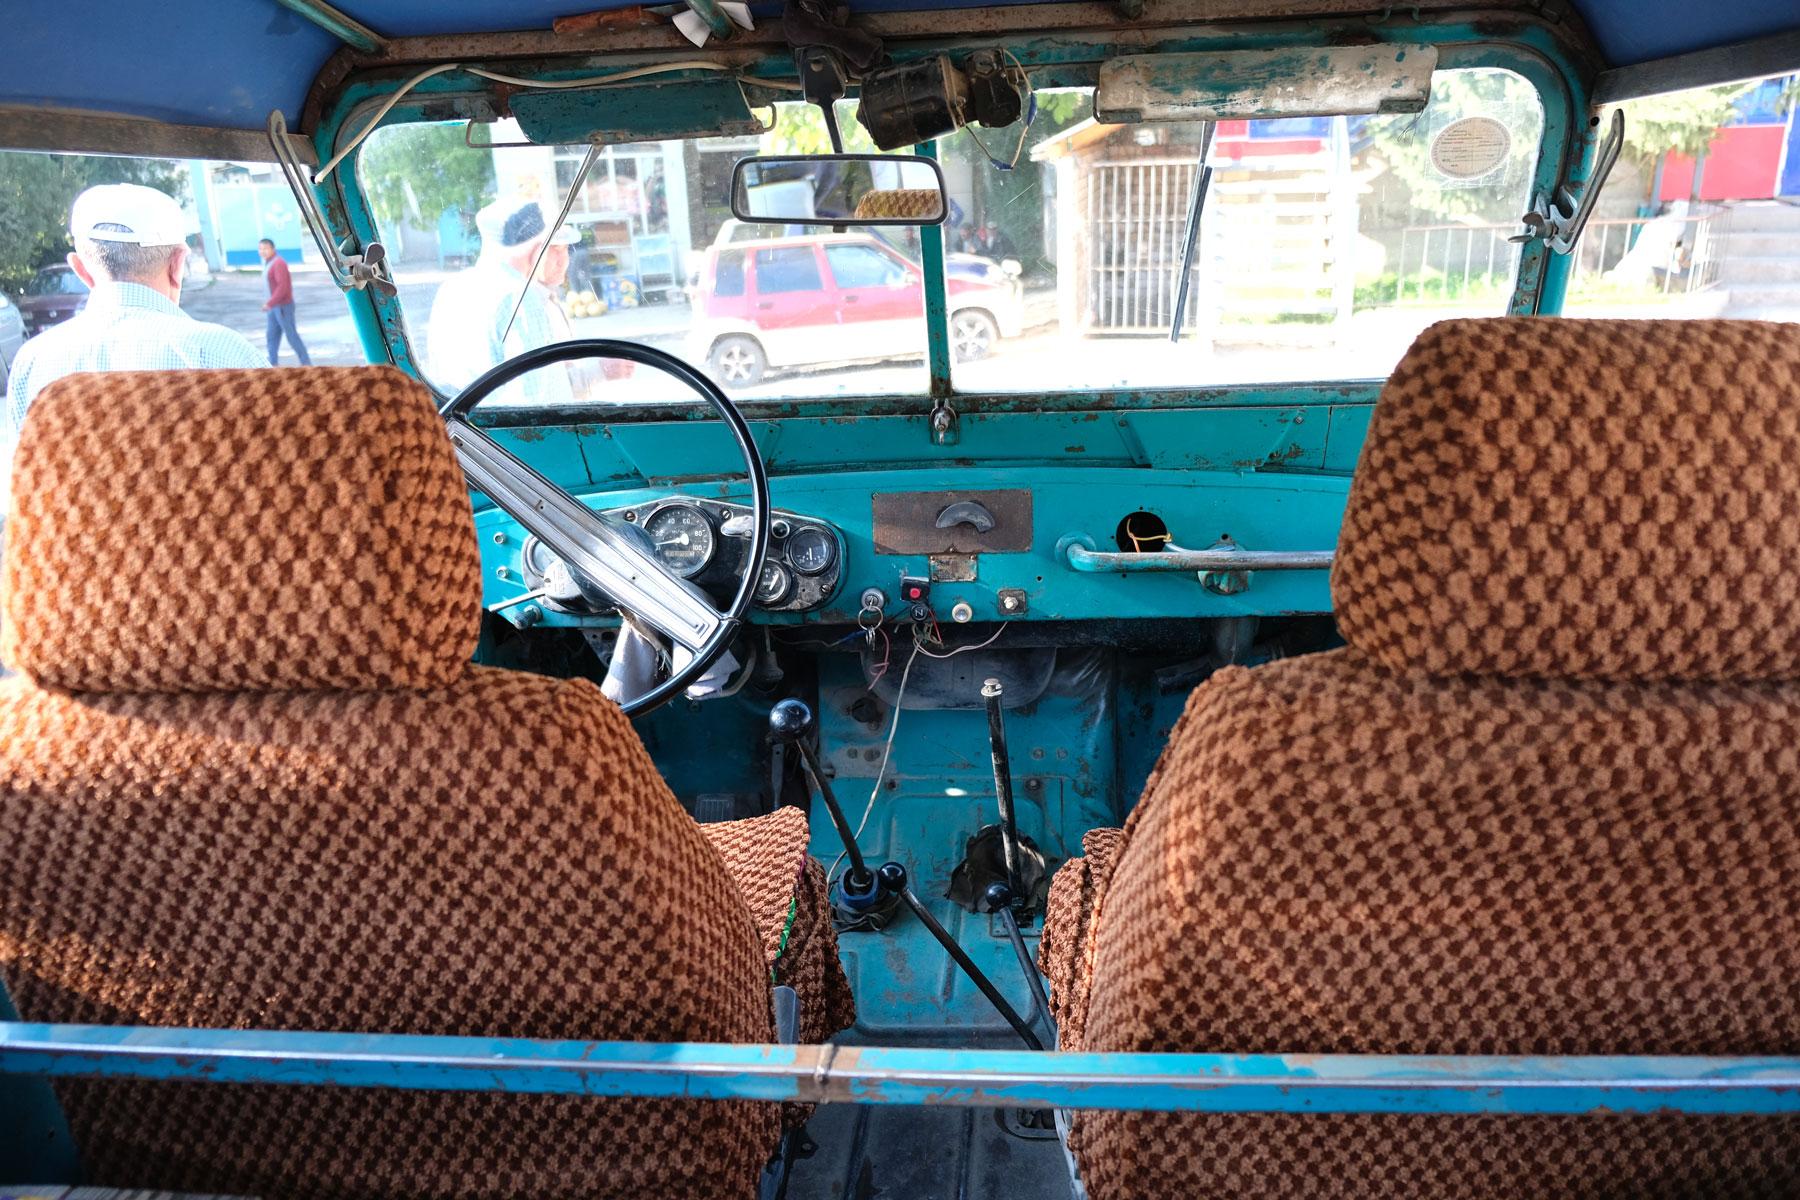 Fahrersitz und Konsole eines alten Geländewagens.